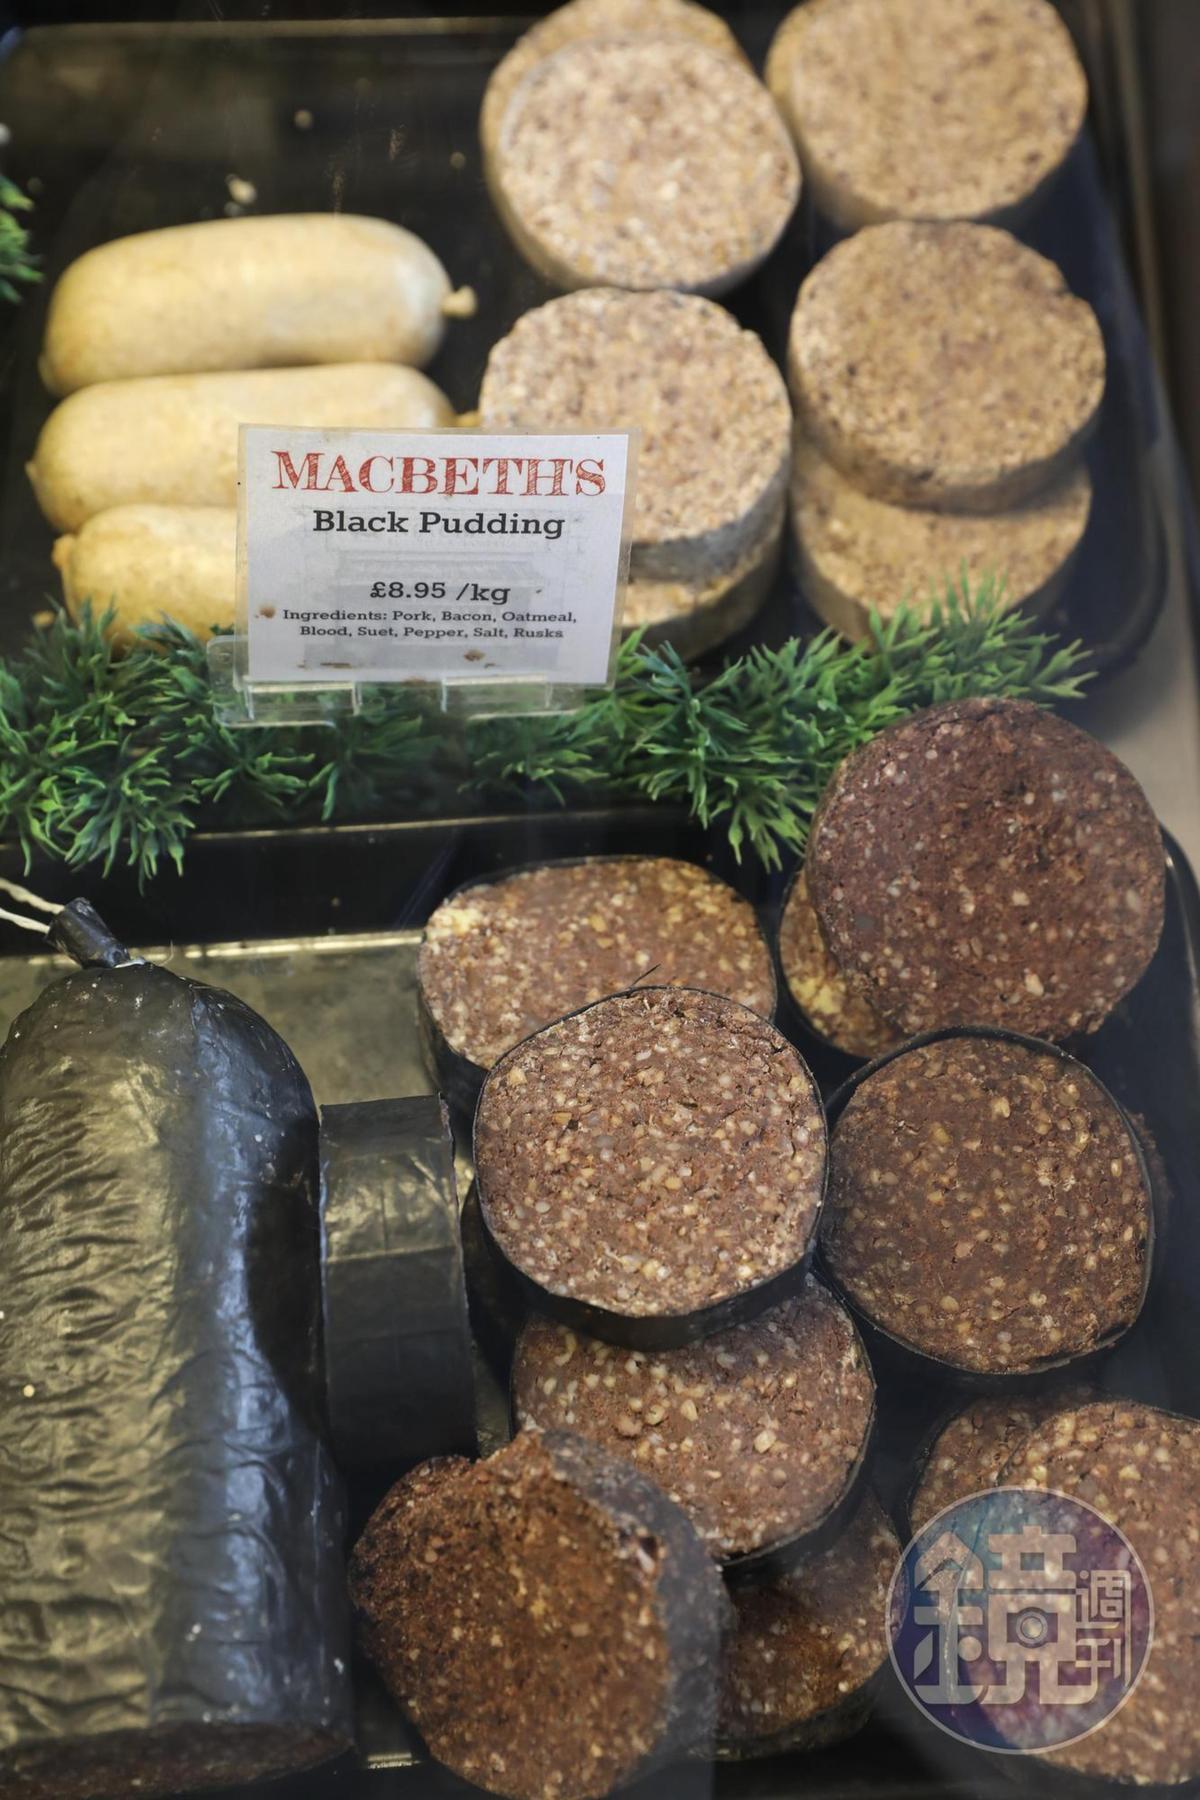 肉舖裡隨時有售當天製作的Haggis與黑布丁,是蘇格蘭人的最愛。